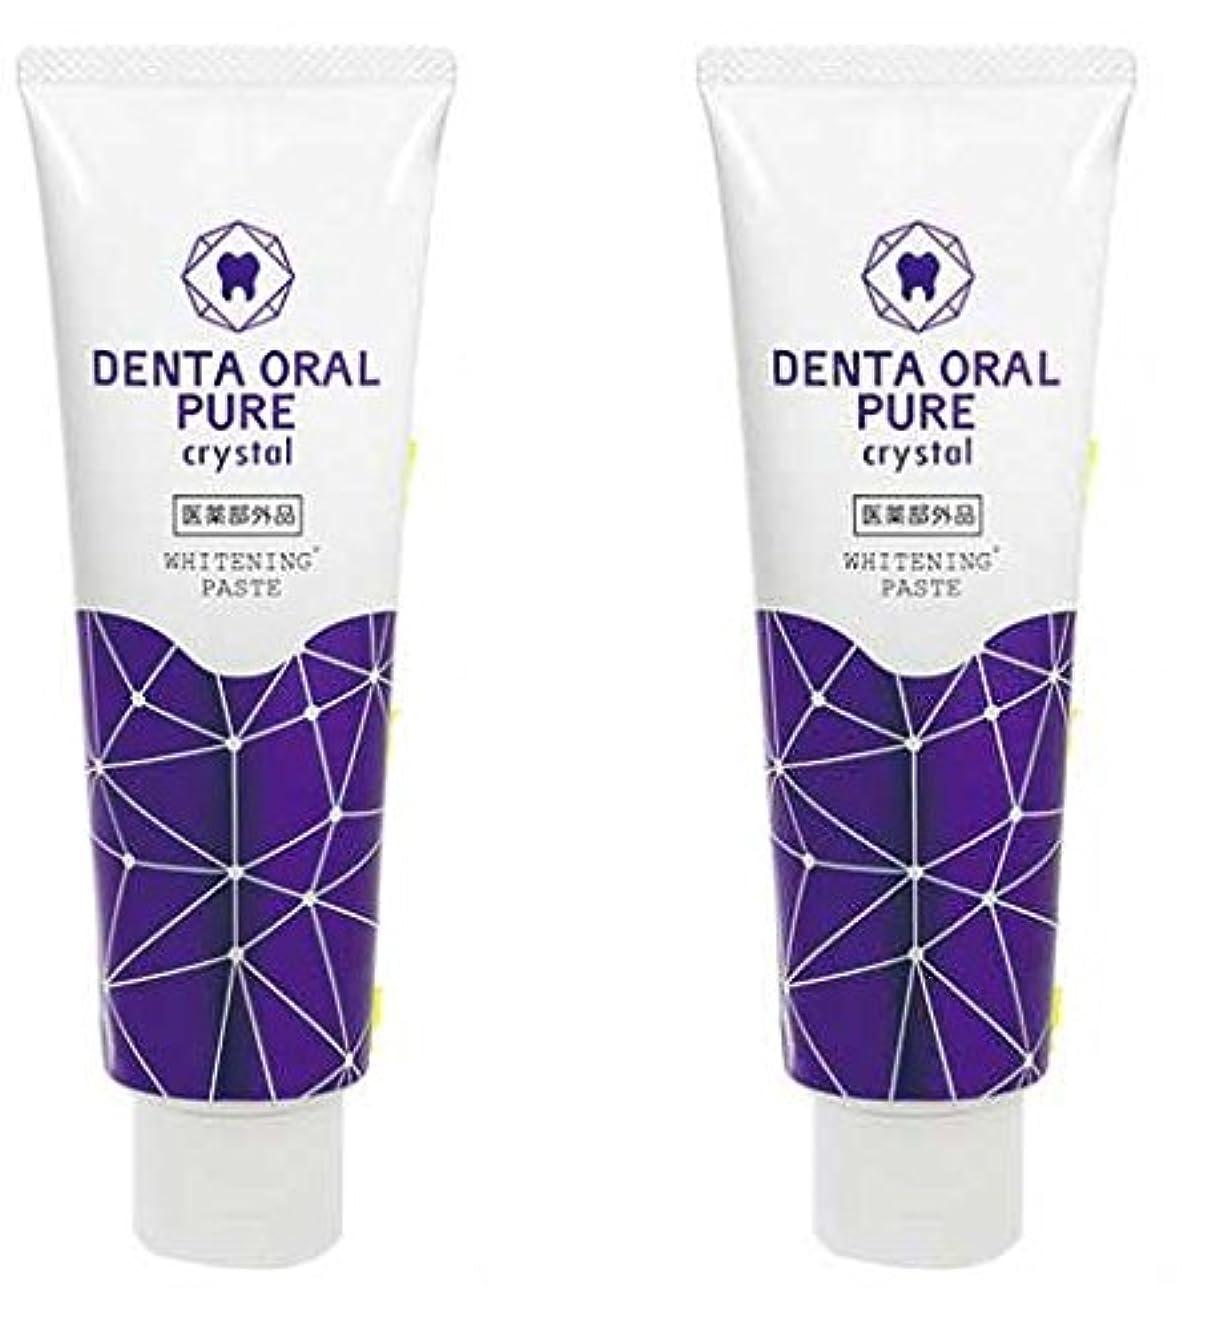 光景説明期限切れホワイトニング歯磨き粉 デンタオーラルピュア クリスタル 2個セット 医薬部外品